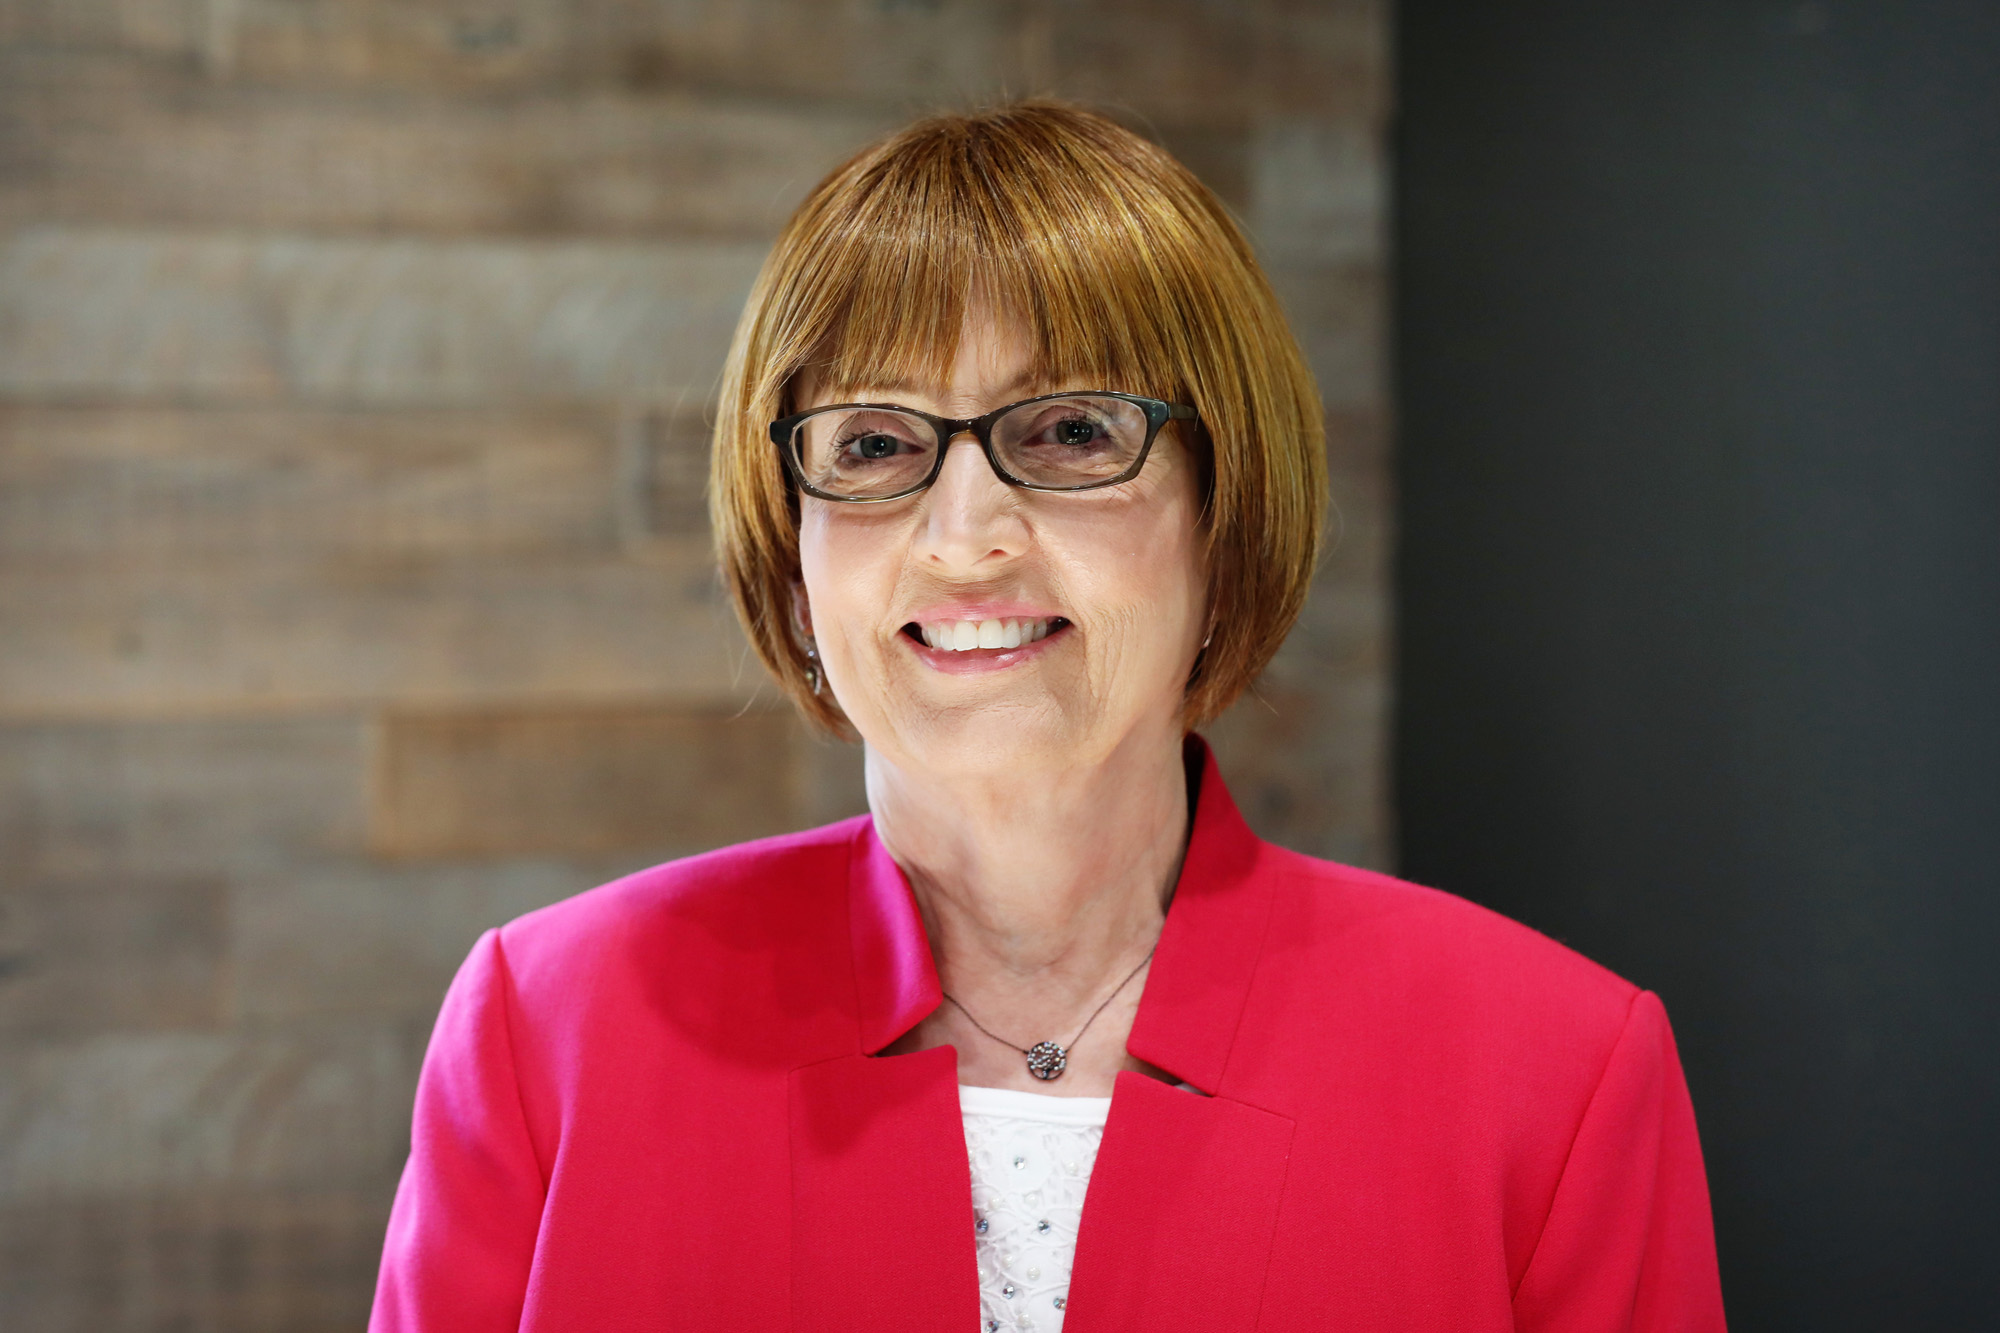 Susan P. Crites